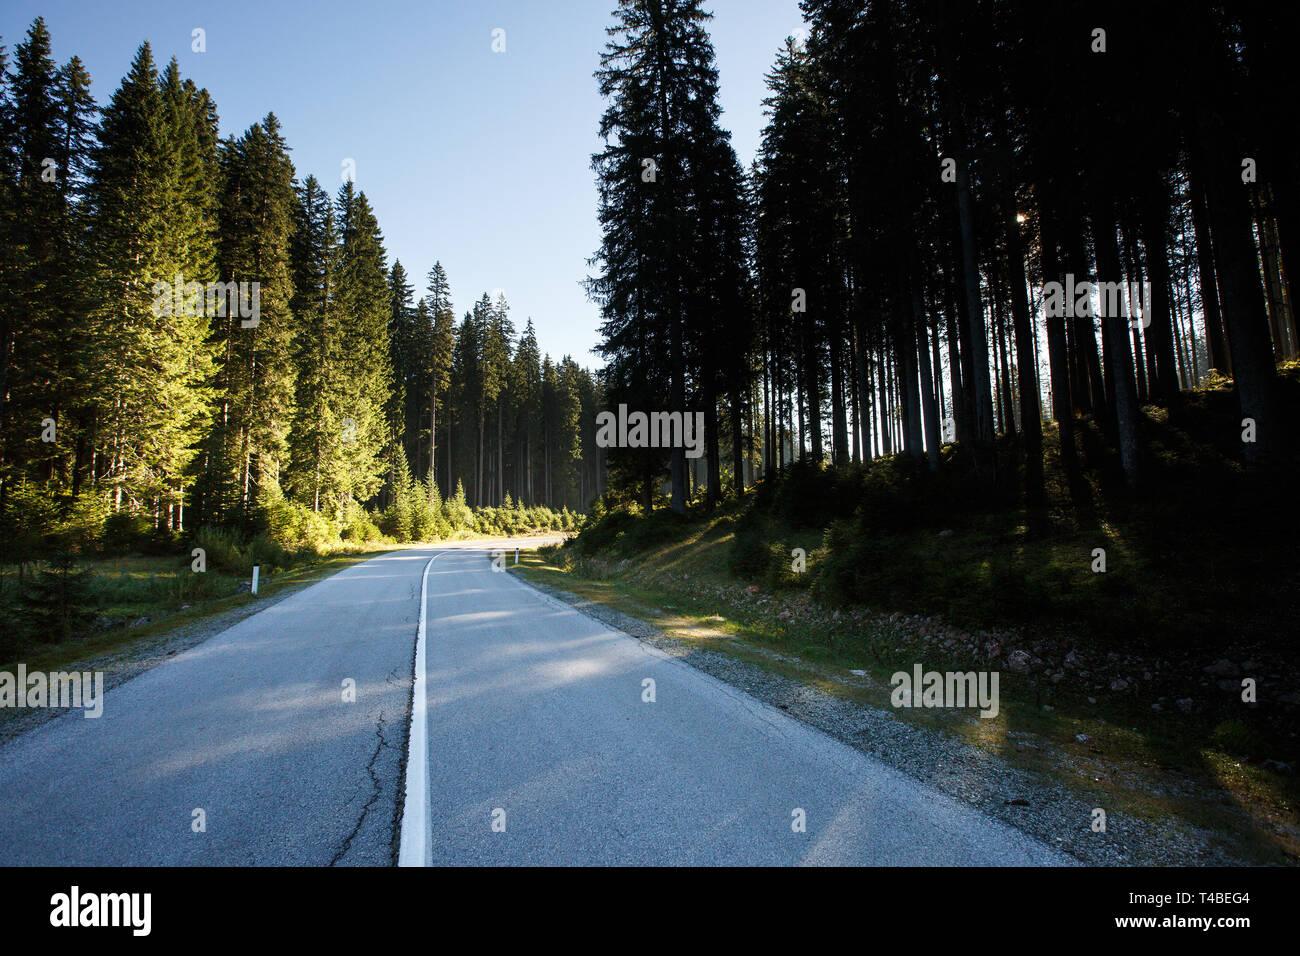 Einsame Straße durch gesunde Fichtenwald am Morgen Sonnenschein. Transport und nachhaltige Industrie, umweltfreundliche Forstwirtschaft, natürliche environme Stockbild